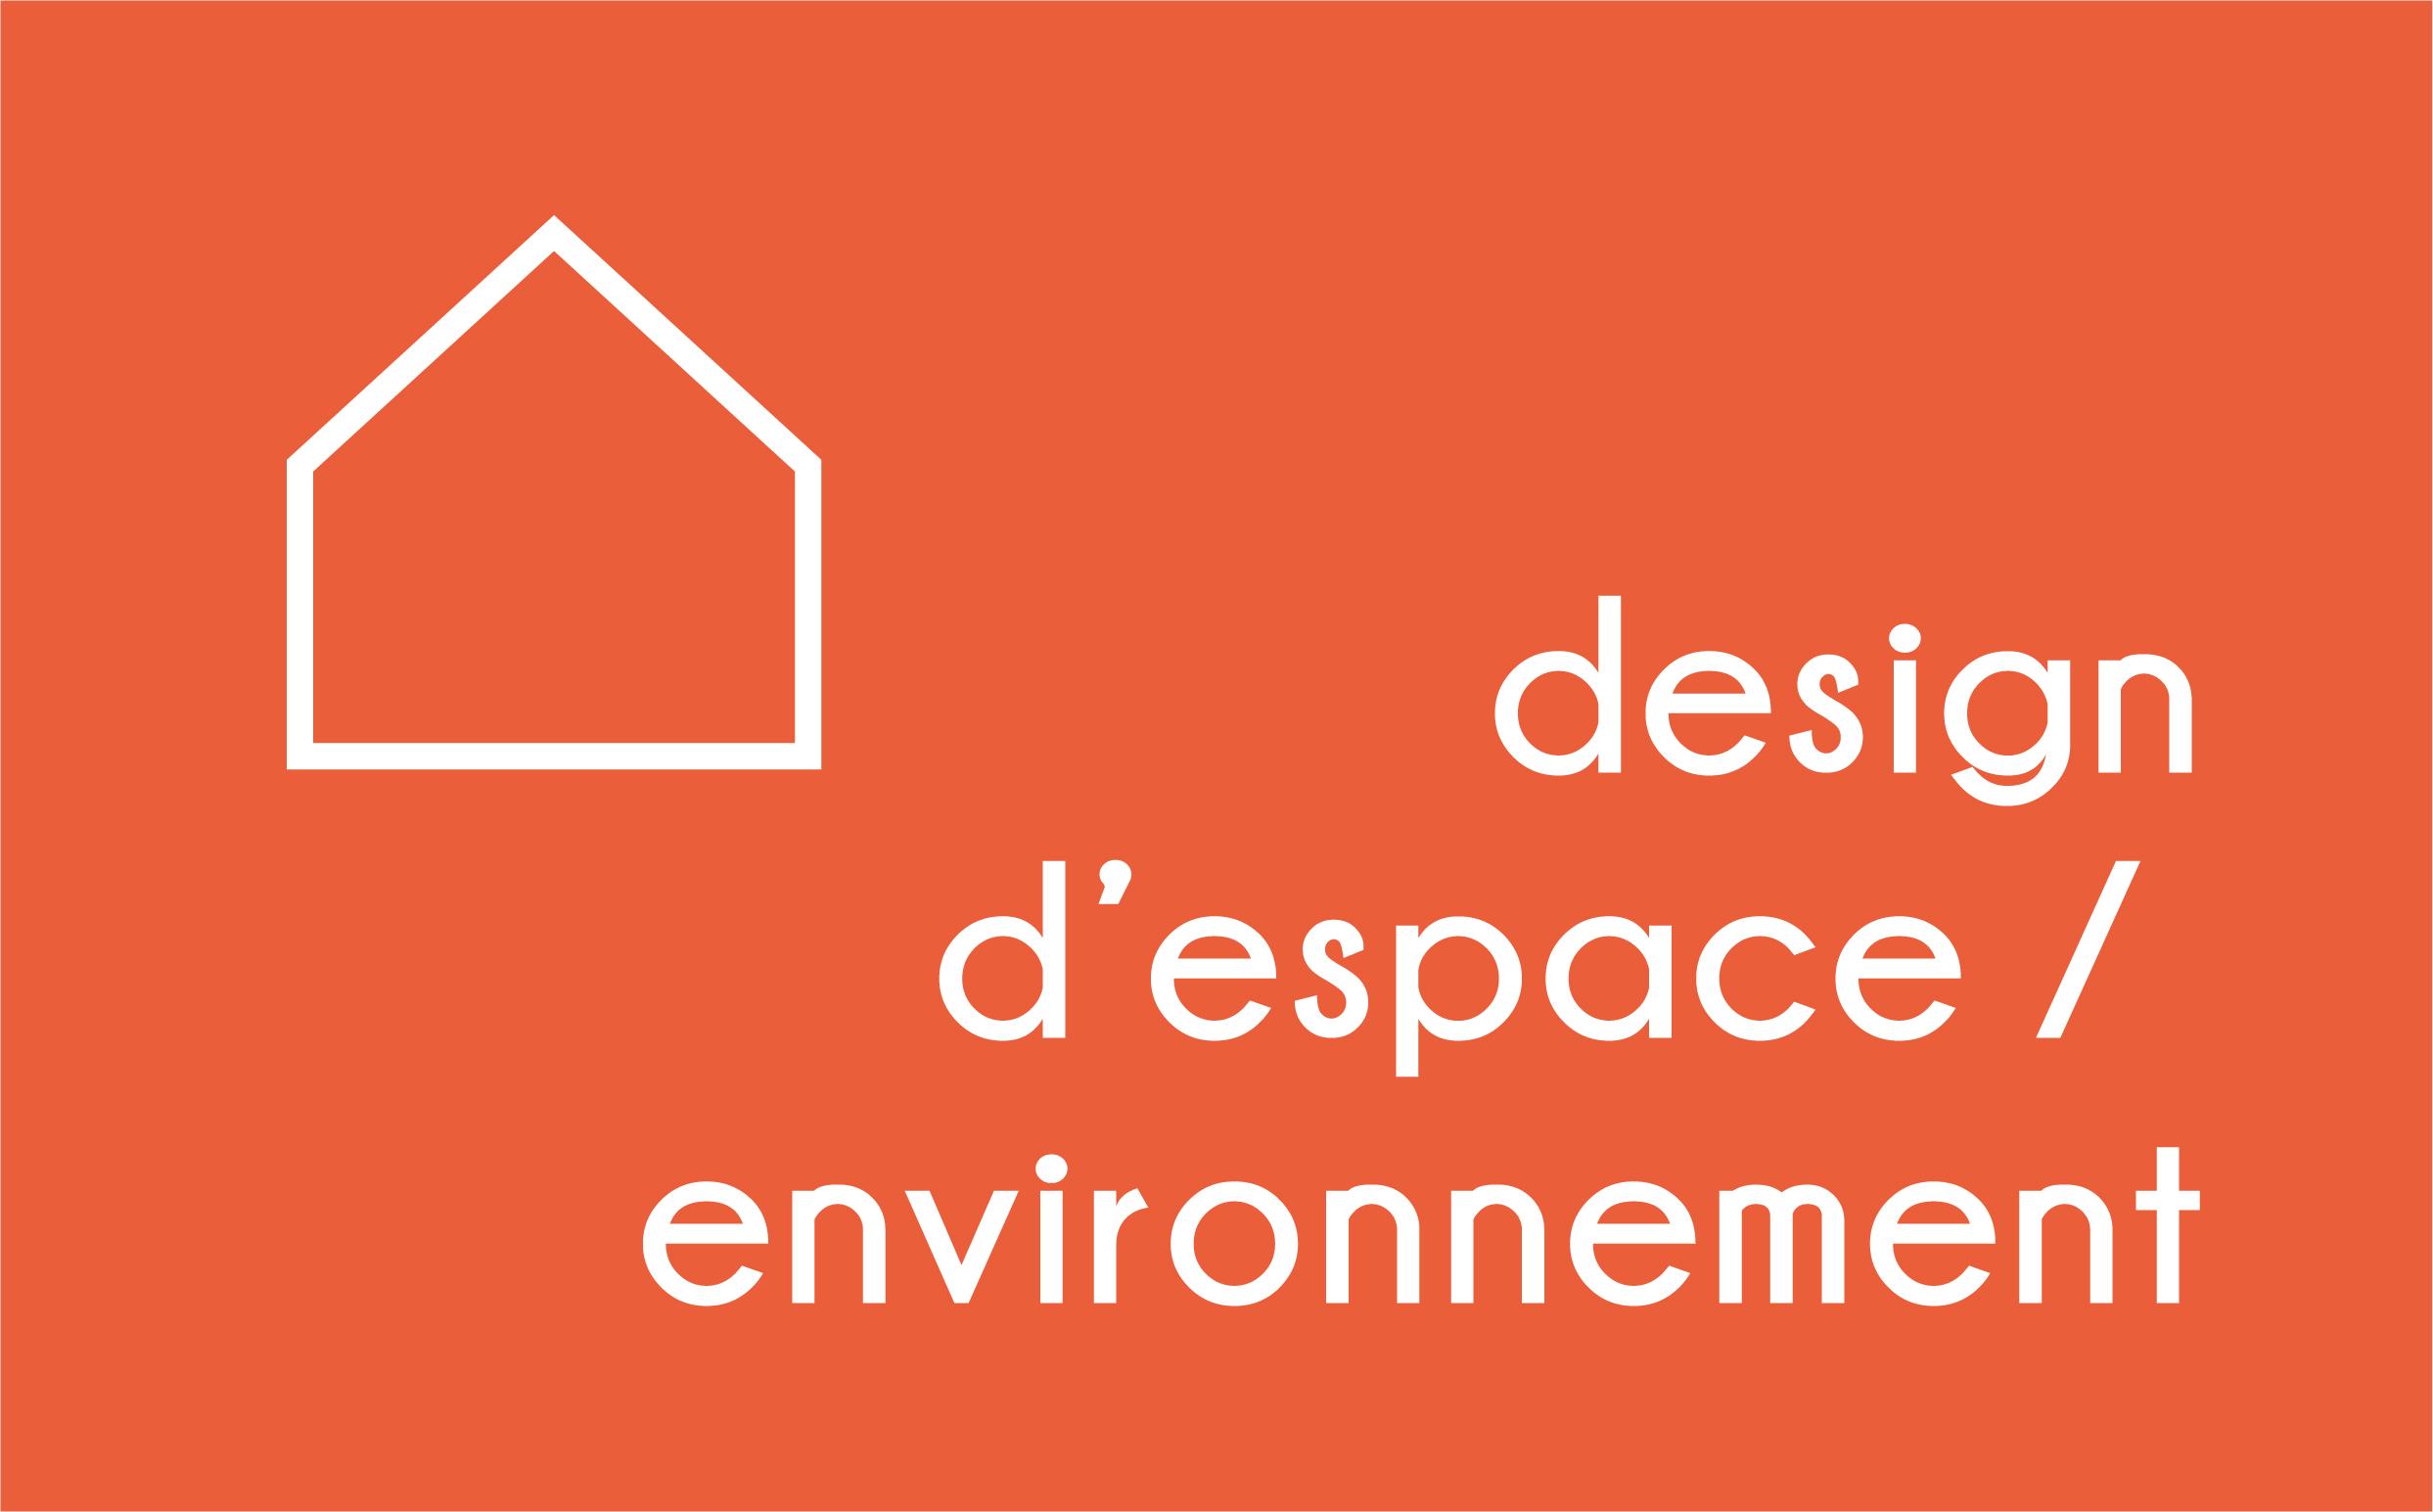 Design d'espace / environnement